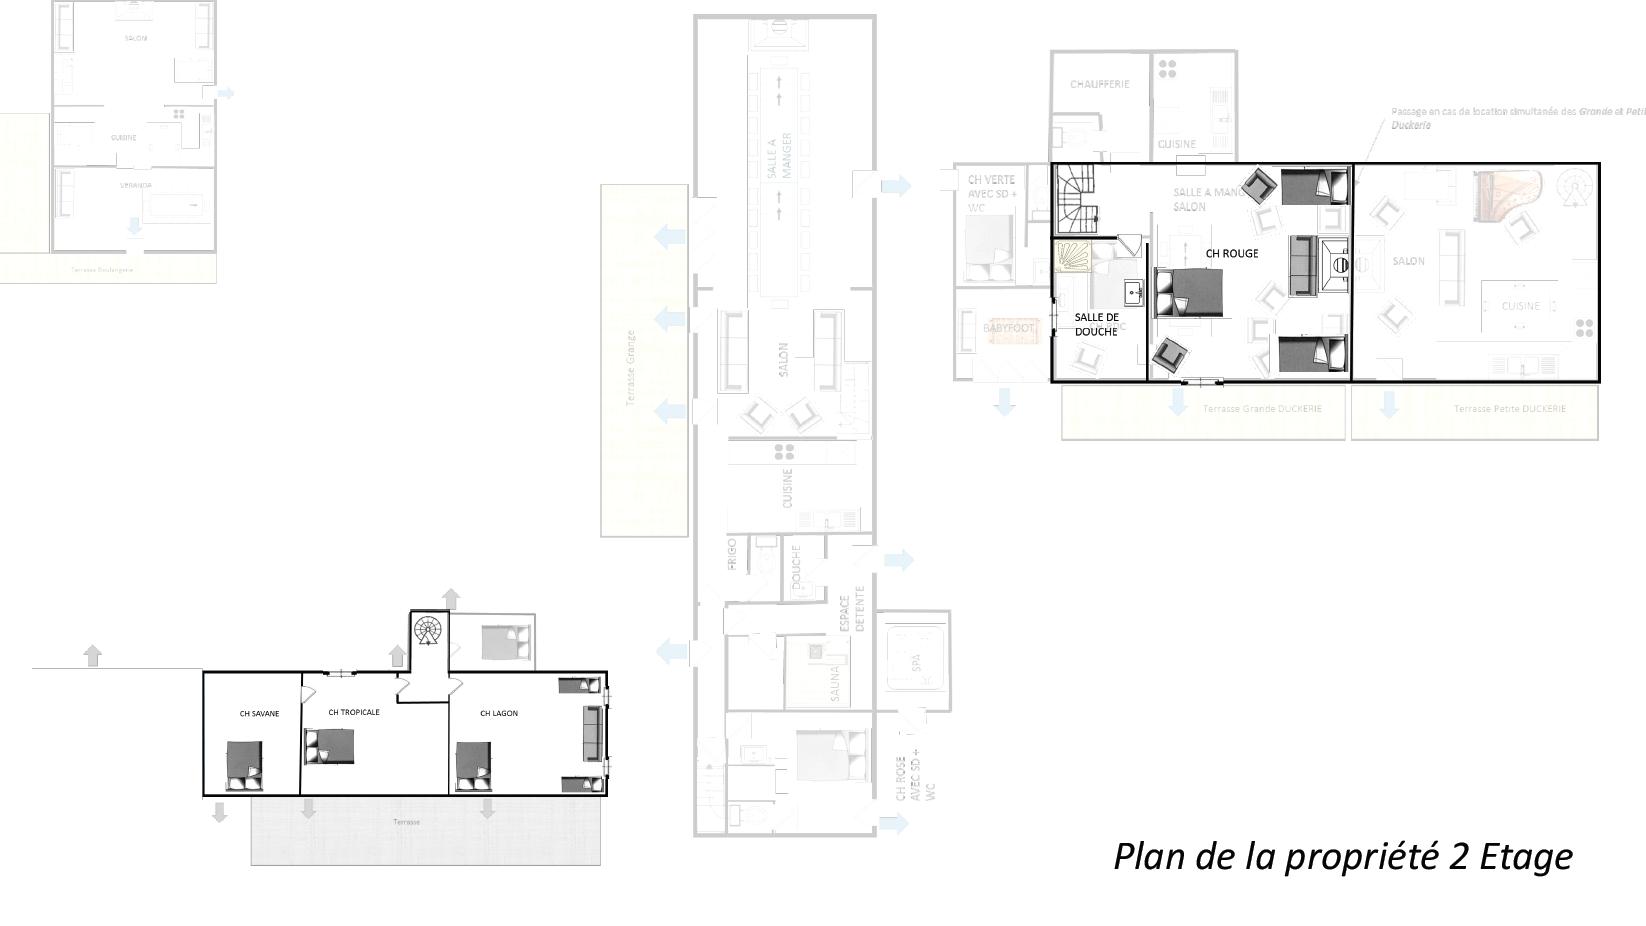 Plan la Duckerie 2eme etage - GITE LA DUCKERIE - Location de Gite La Clef Decamp - Laclefdecamp.fr